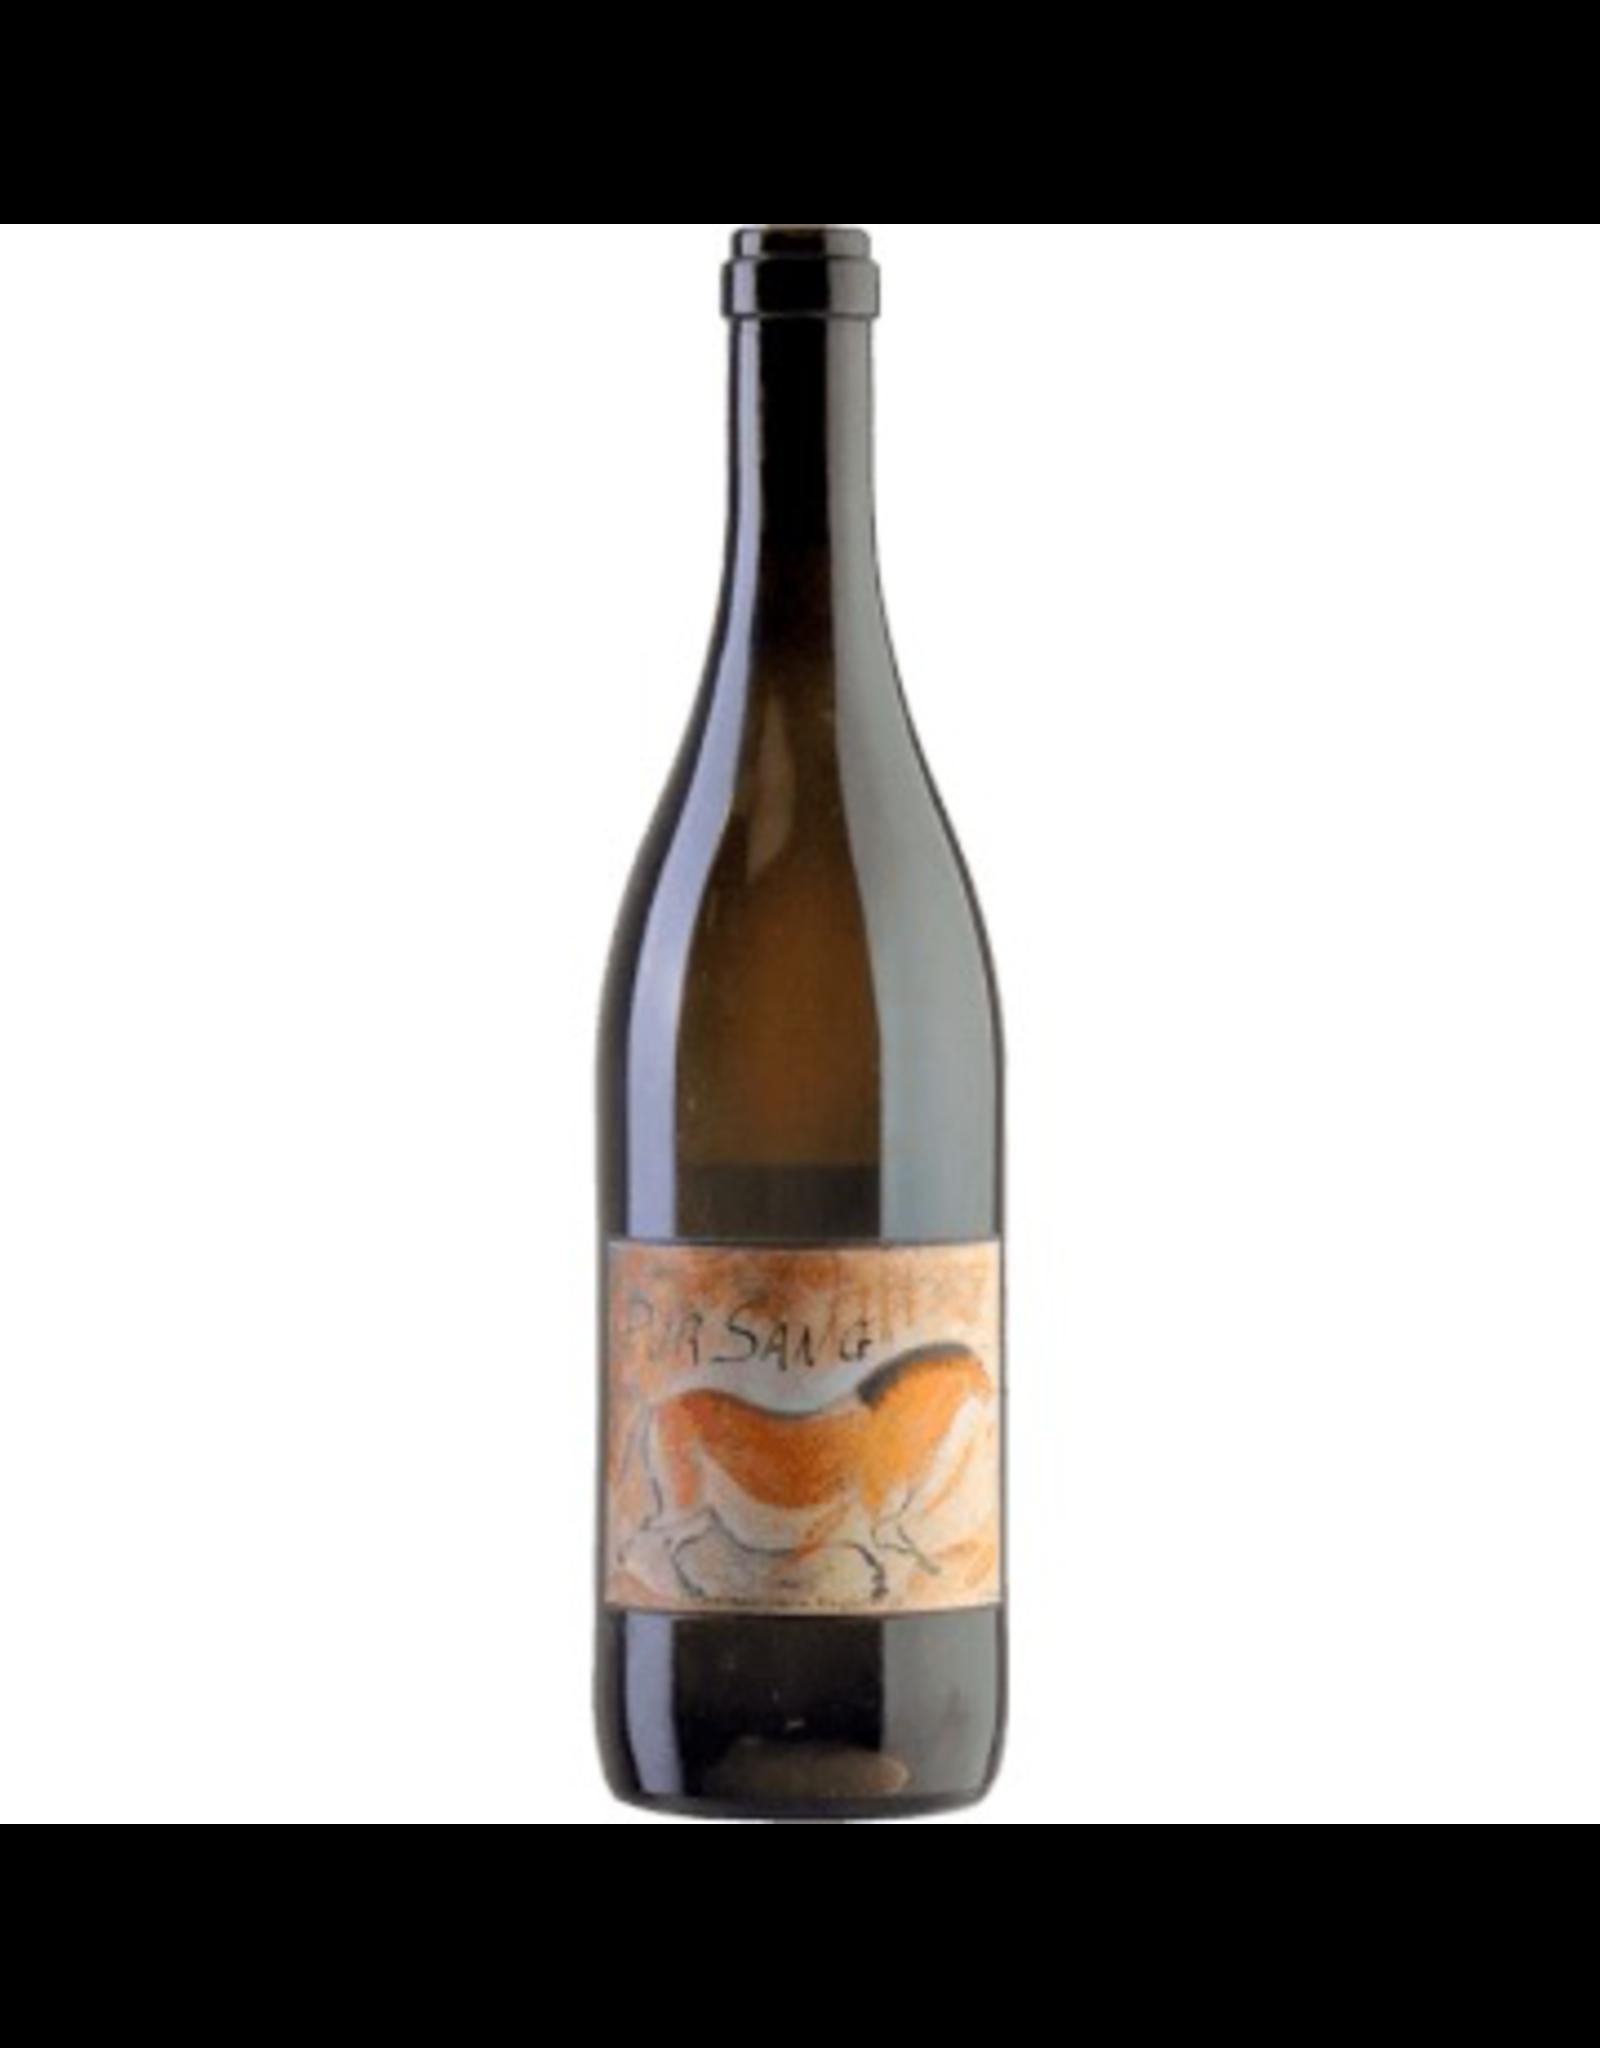 White Wine 2013, Didier Dagueneau Pur Sang, Sauvignon Blanc, Pouilly-Fume, Loire Valley, France, 12.5% Alc, CT91